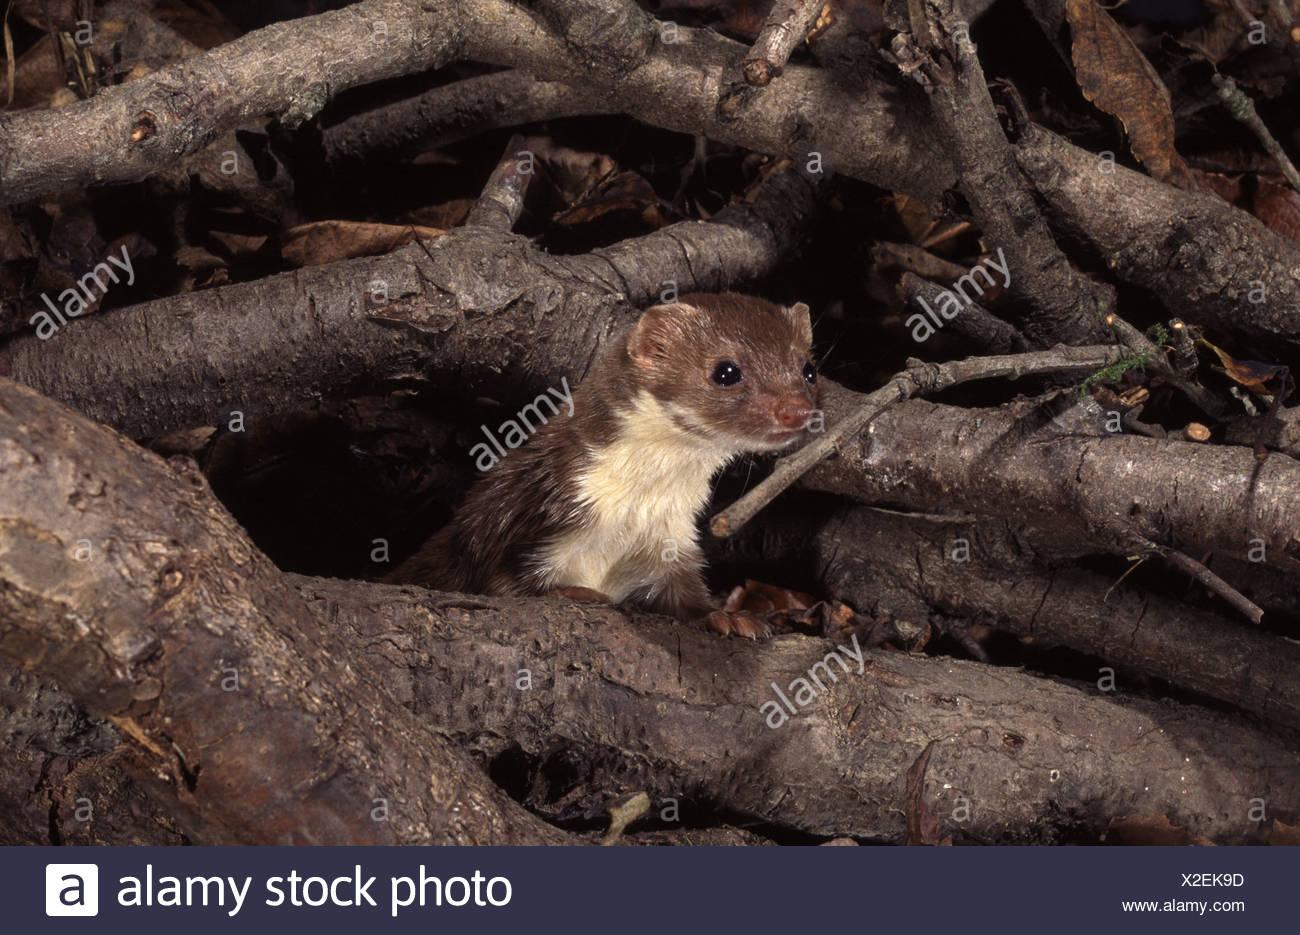 1dca71ae656d9 Wiesel in einem Koffer Voor Nahrung suchen. Mauswiesel Haltet Ausschau  Zwischen Dem Abgekapptes Holz Stockbild